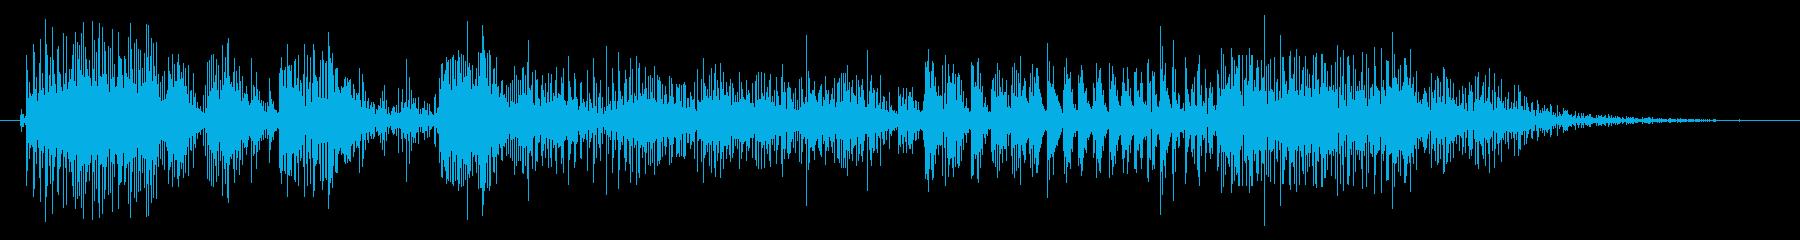 ノイズ スカットル02の再生済みの波形